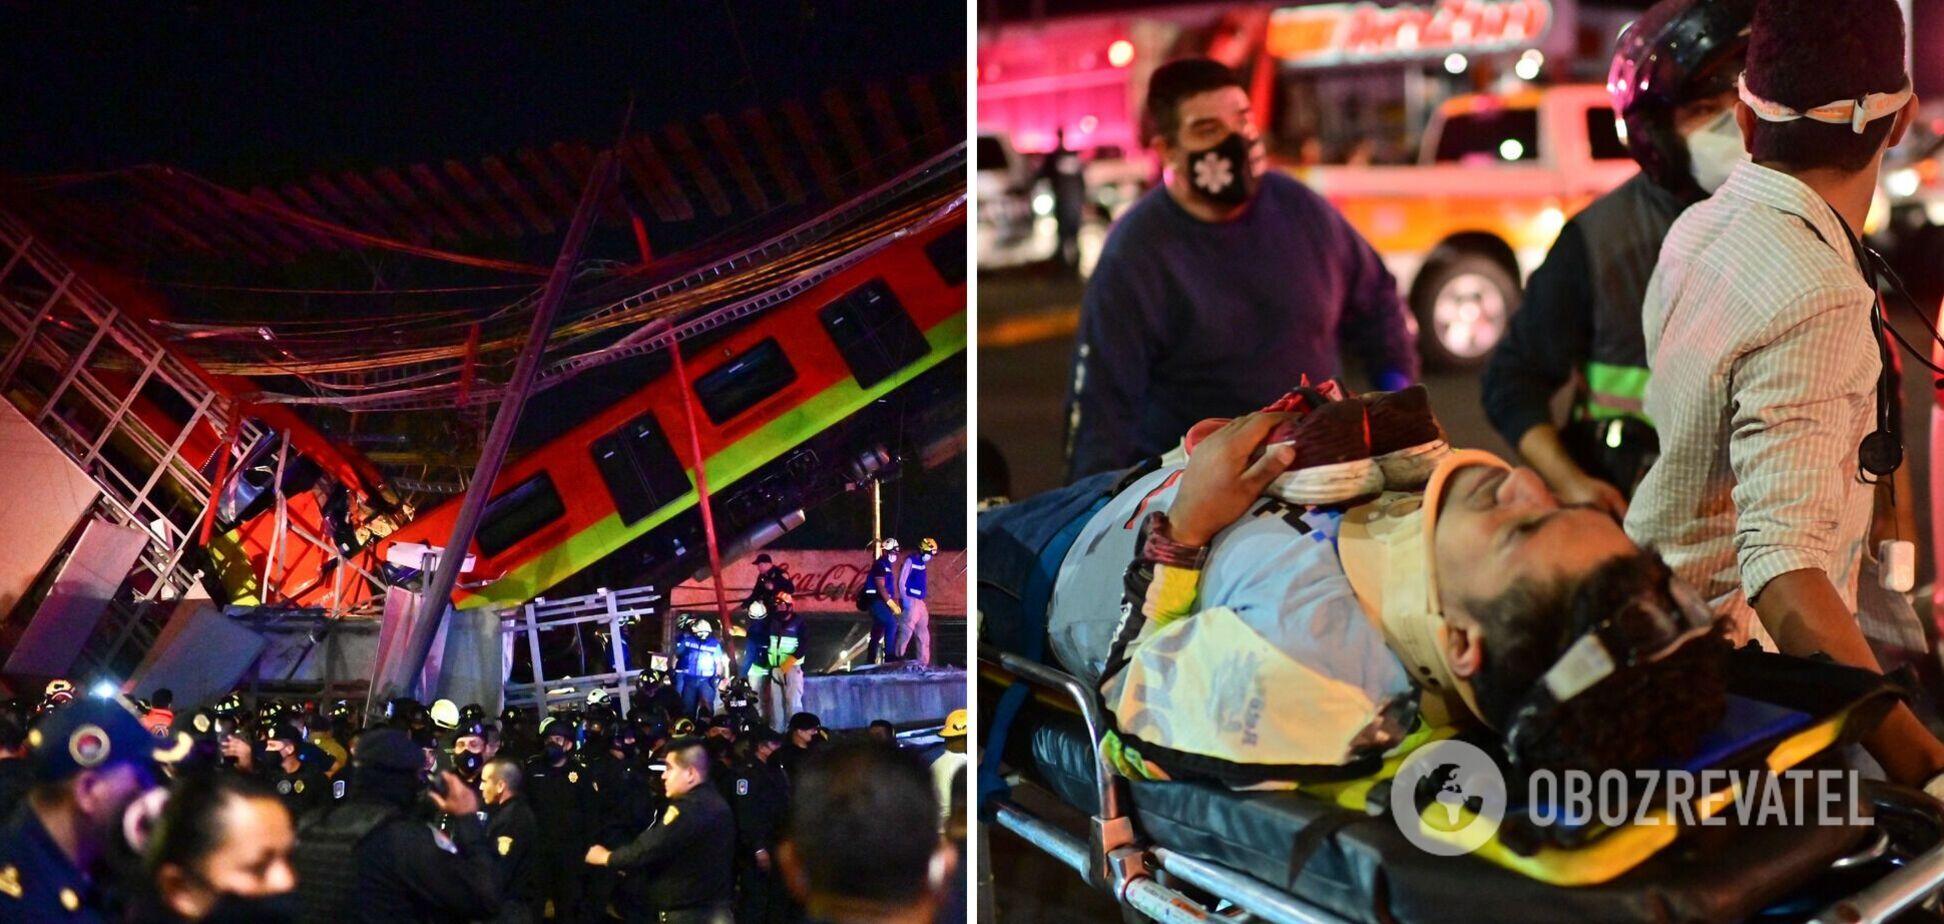 У Мексиці вагони метро впали з естакади, багато загиблих і поранених. Фото та відео